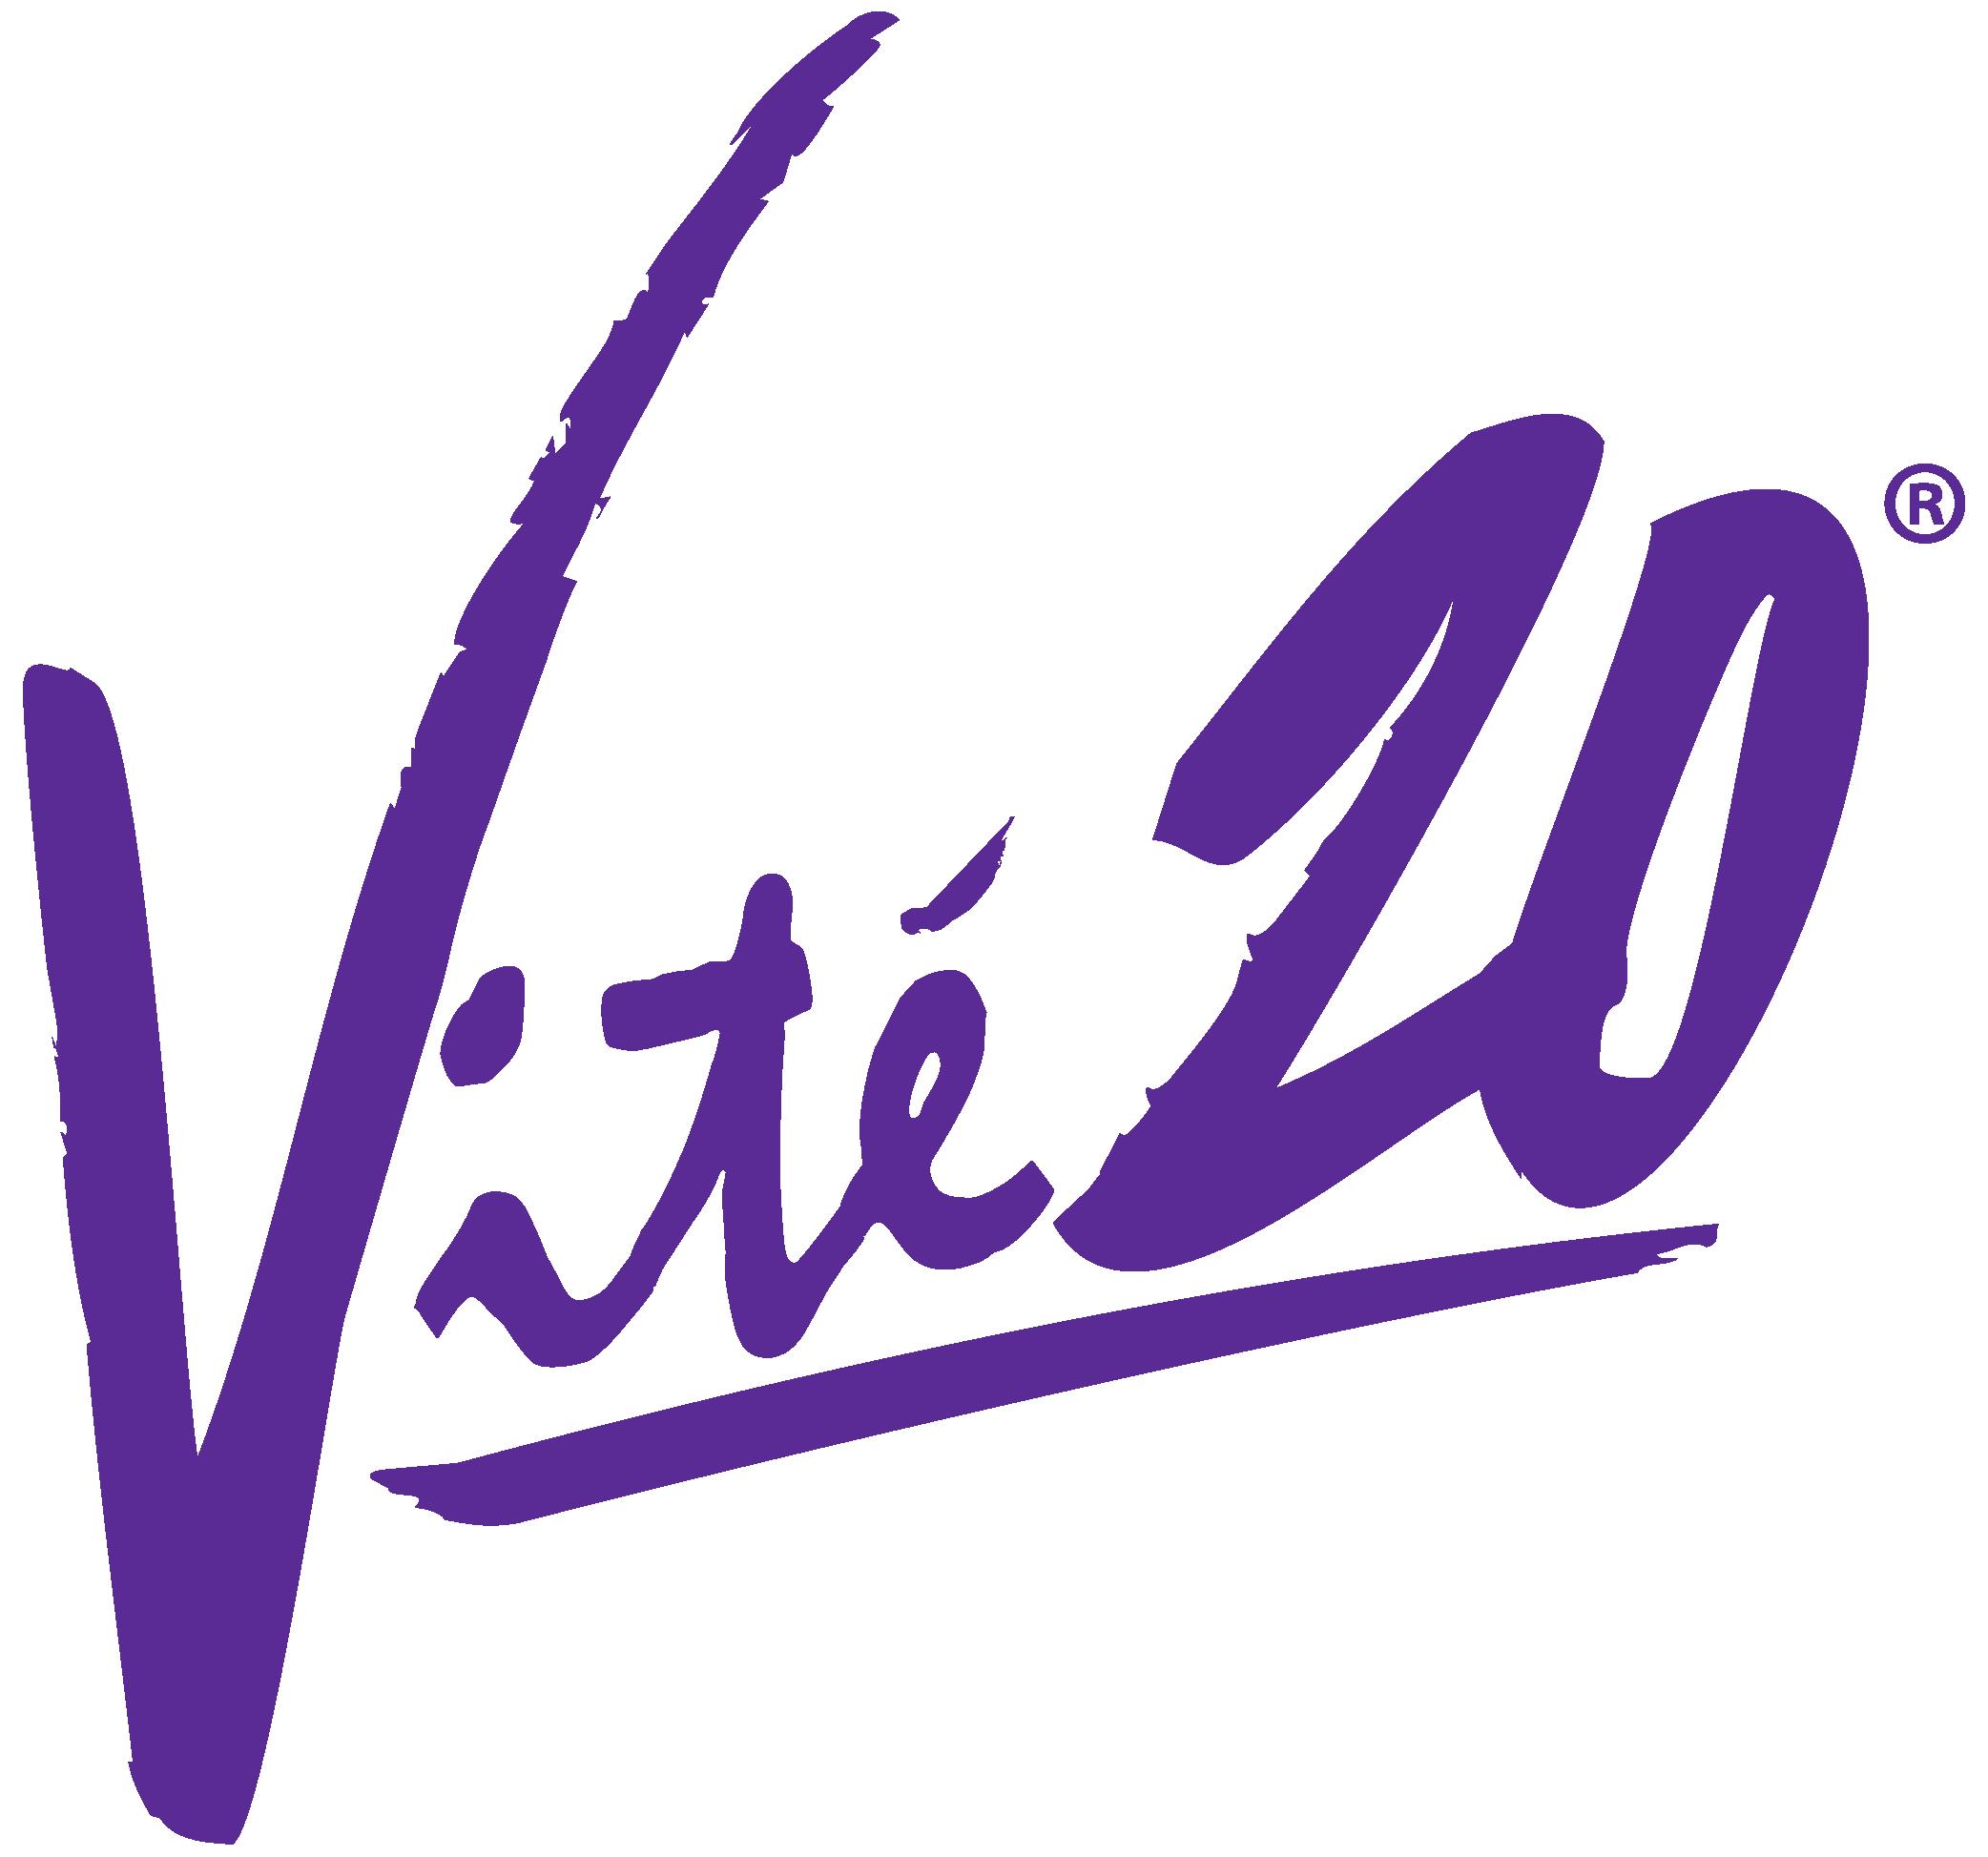 Vite20